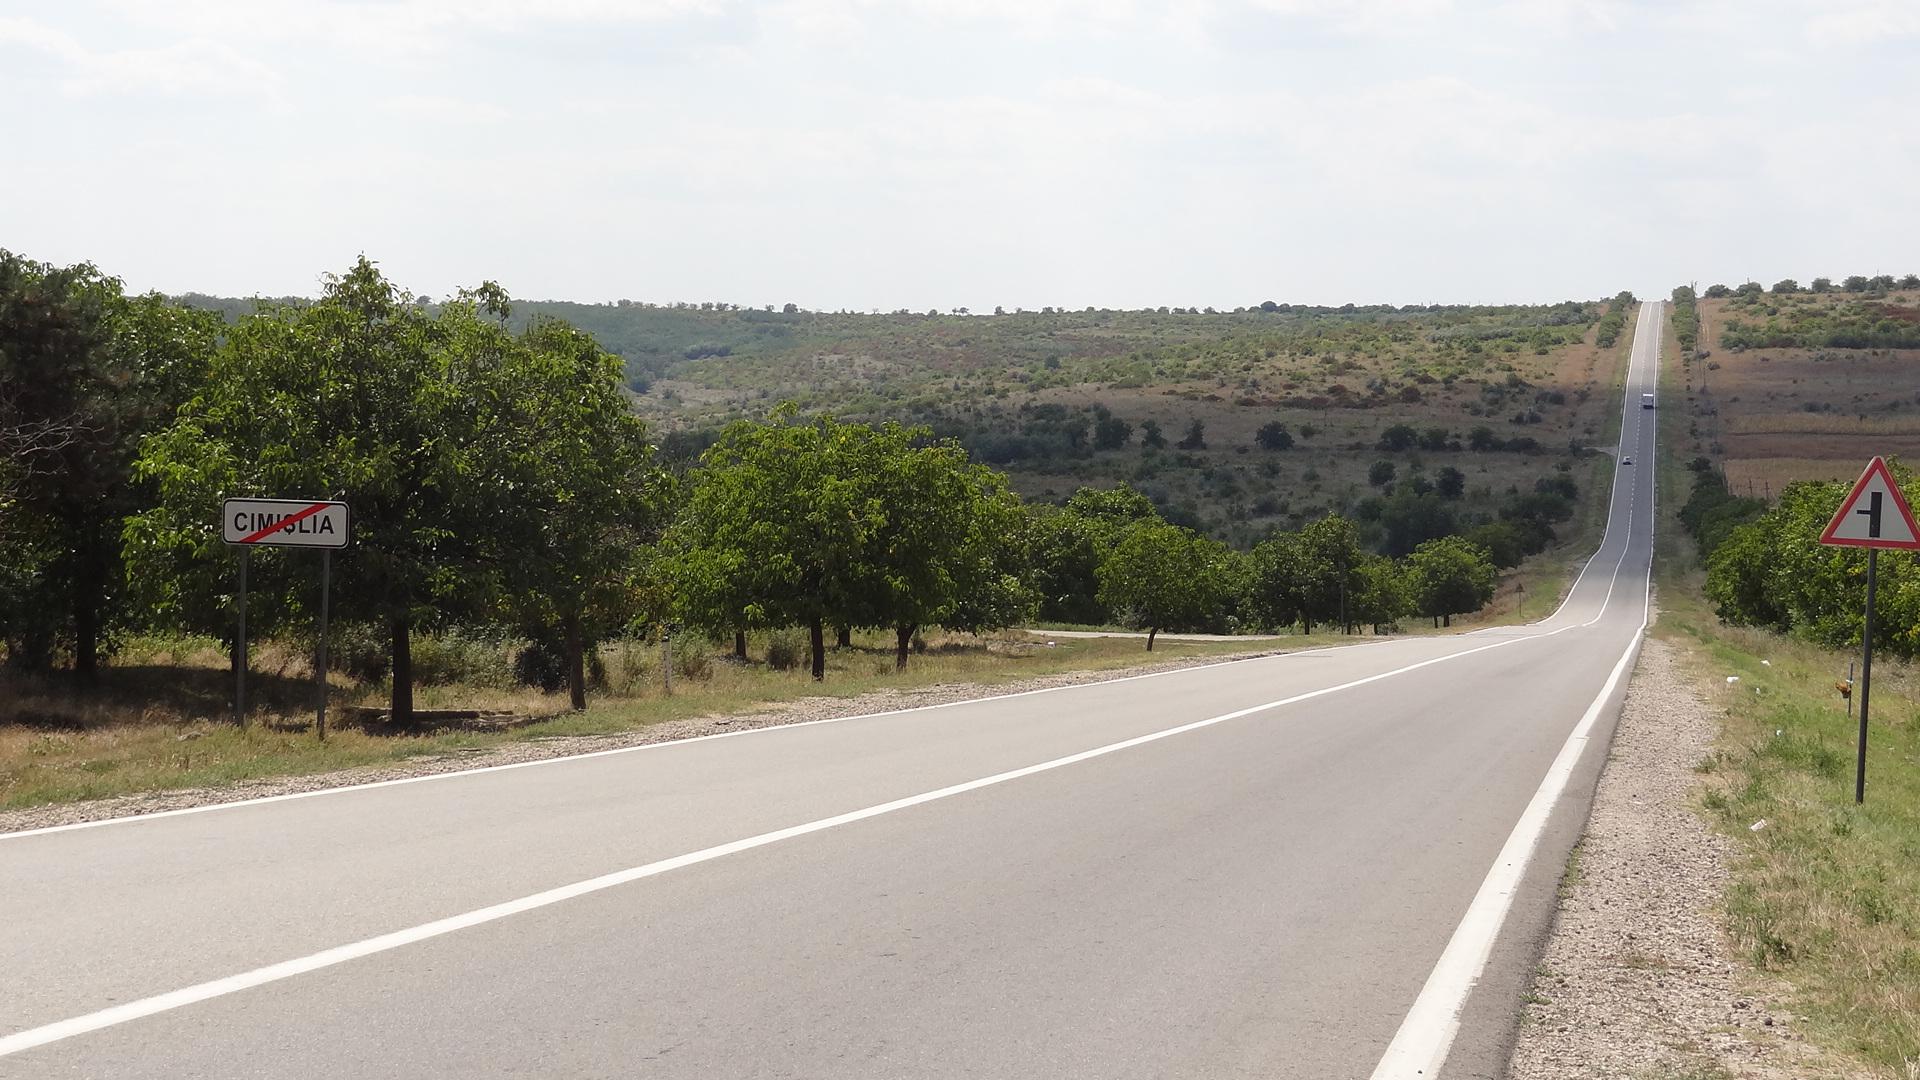 В Молдове объявлен новый международный конкурс по отбору подрядчиков для ремонта двух участков дорог на средства кредита ЕБРР.